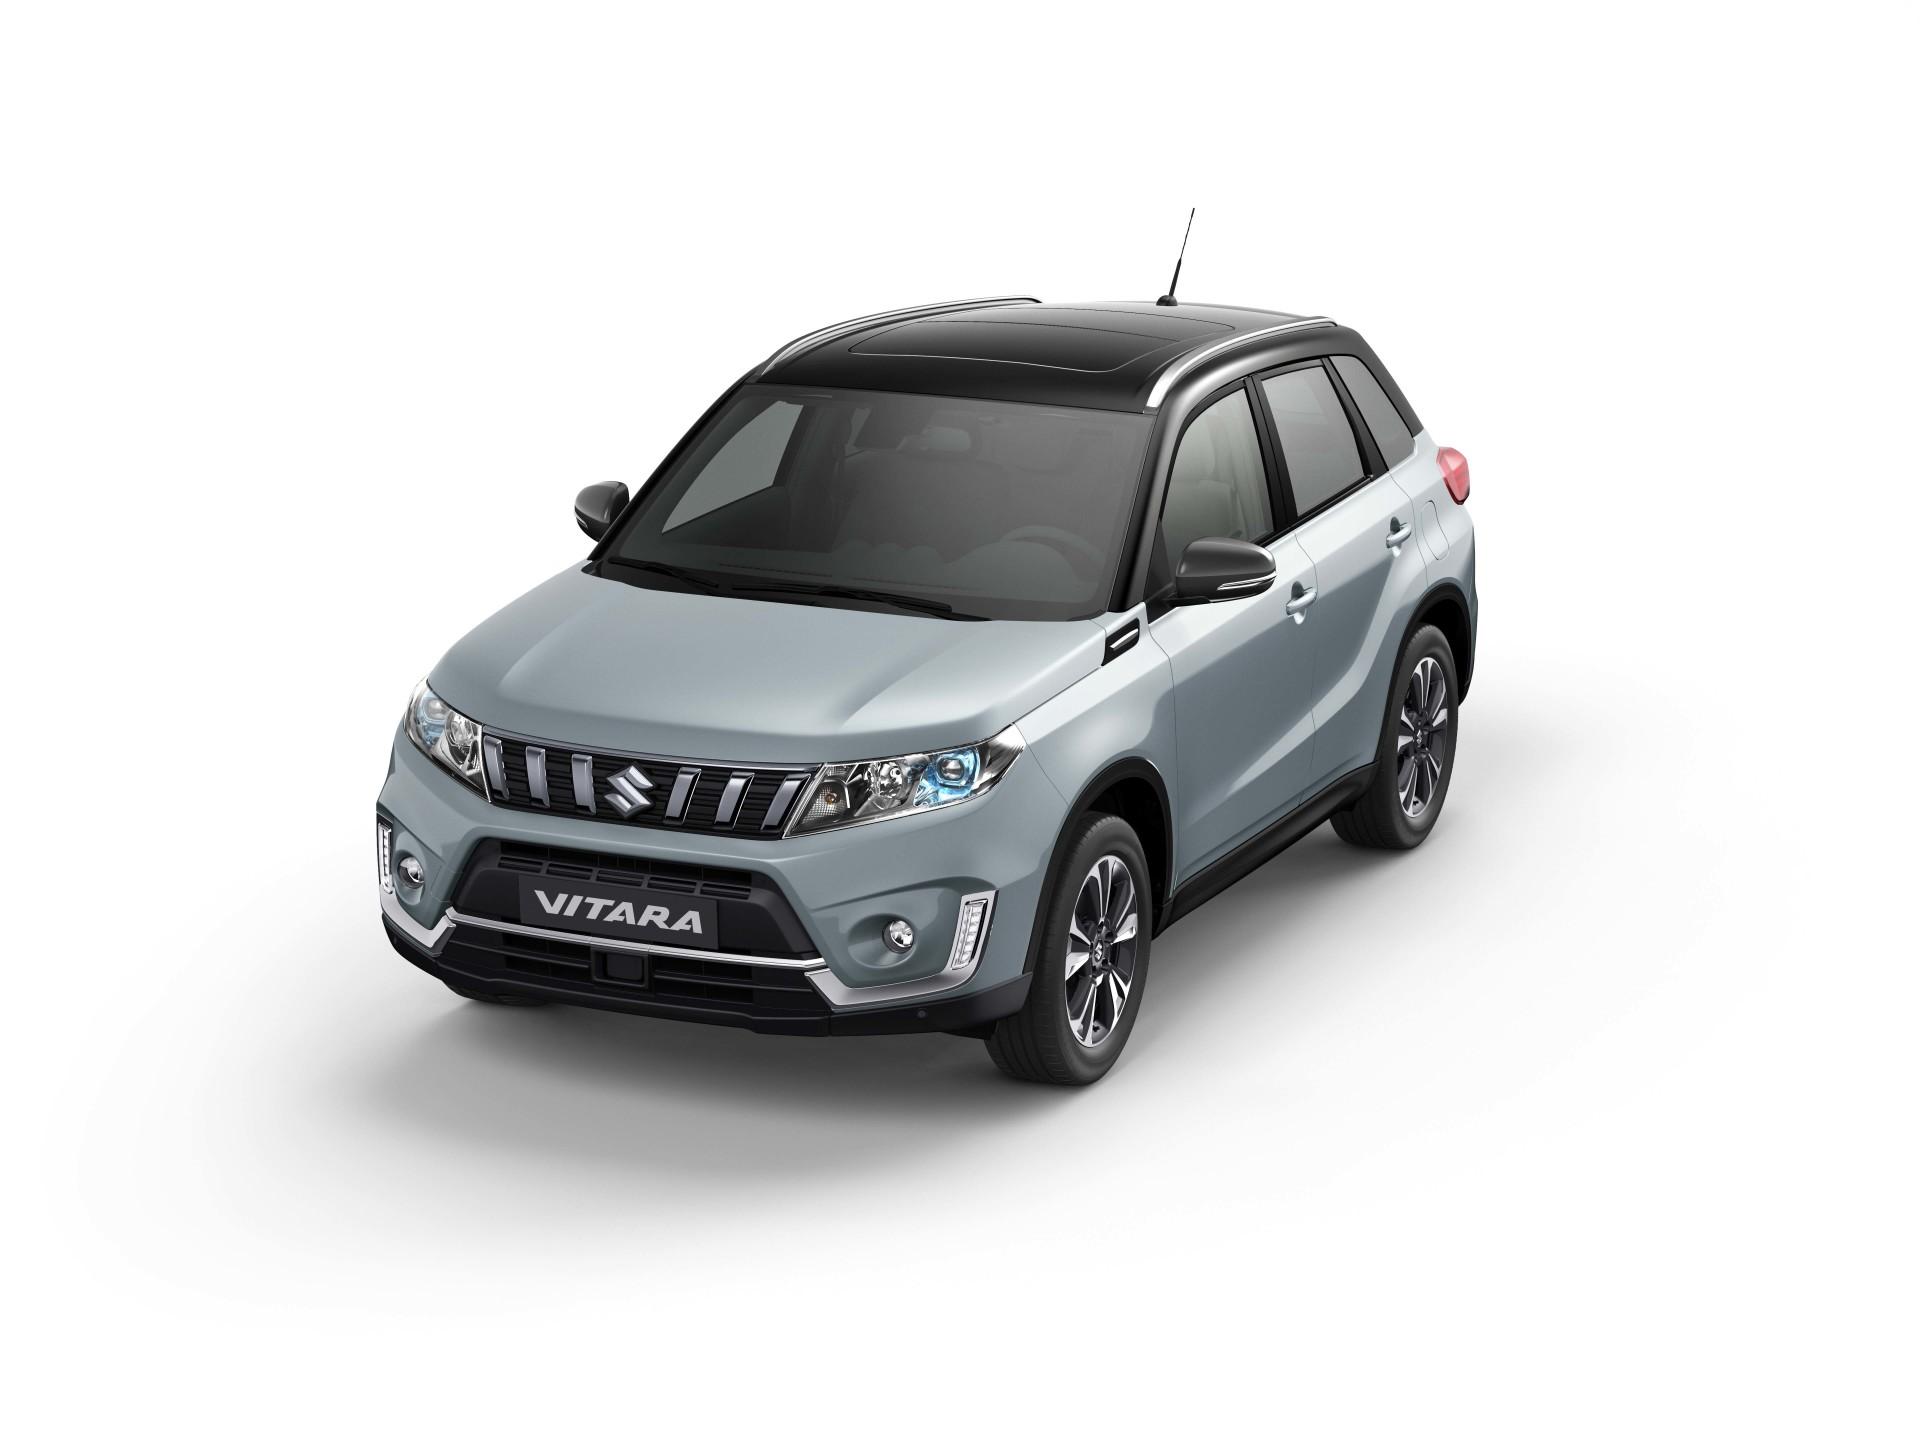 Suzuki Vitara 2018 501 1